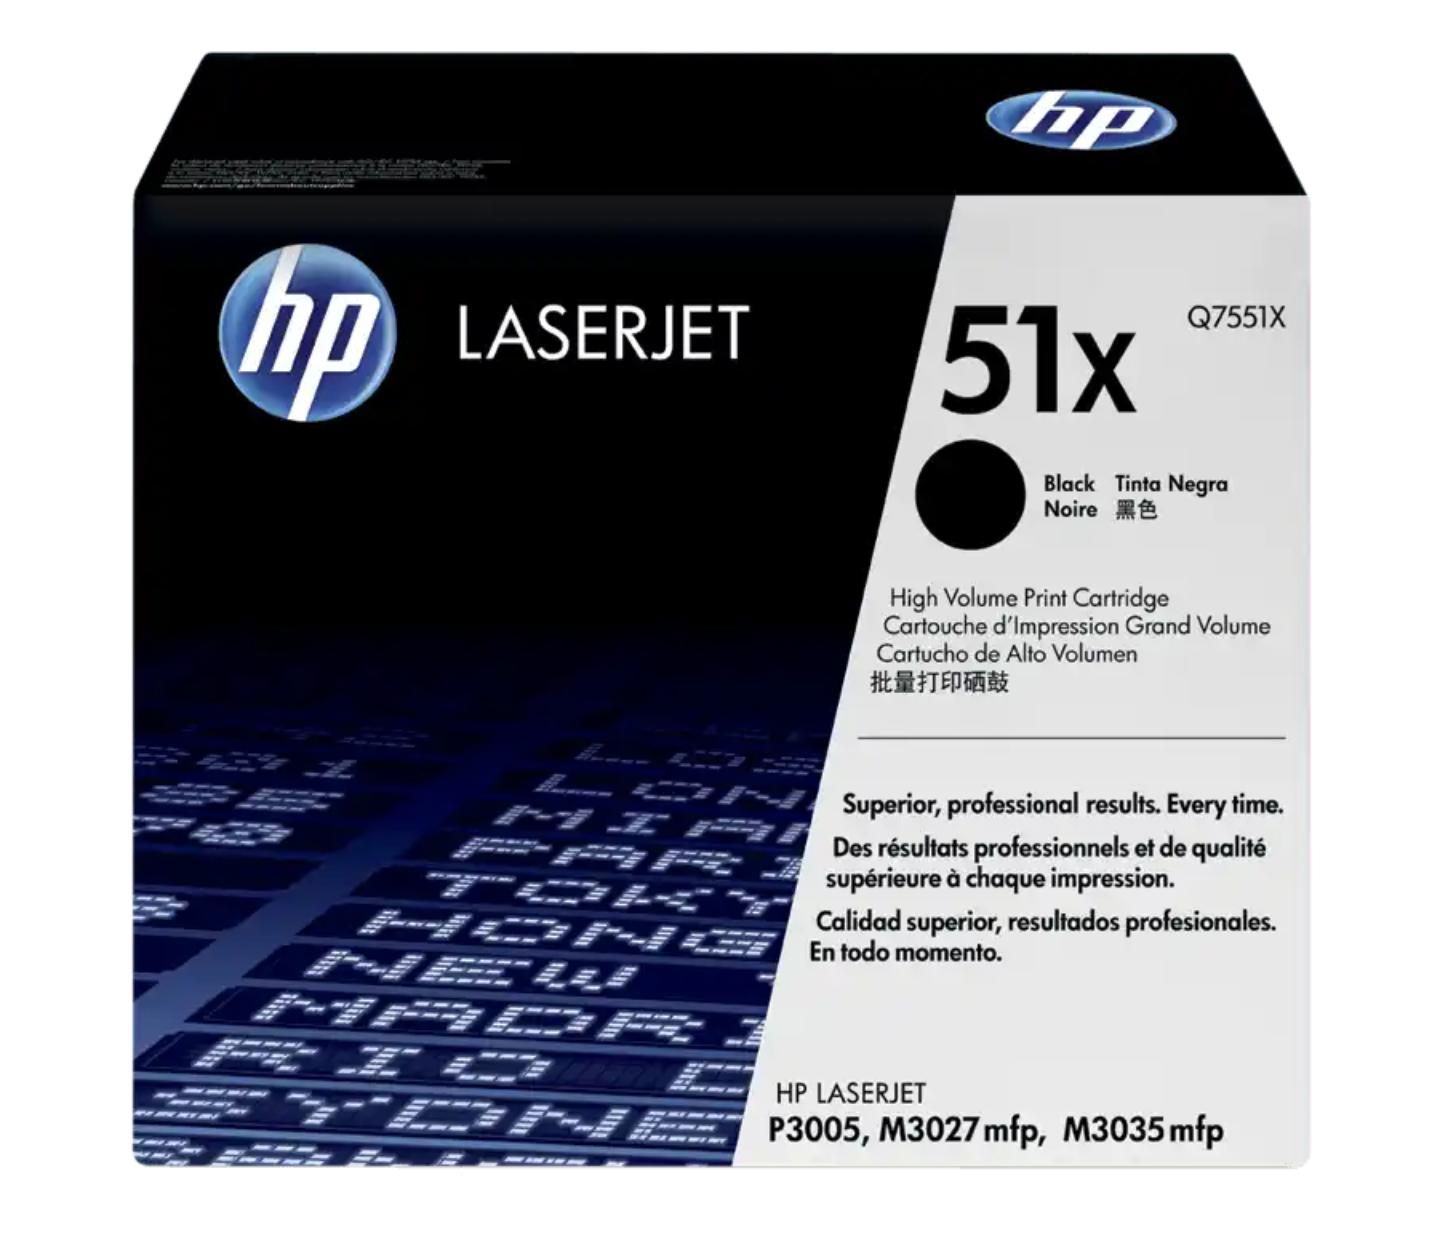 HP 51X 黑色原廠 LaserJet 碳粉 Q7551X